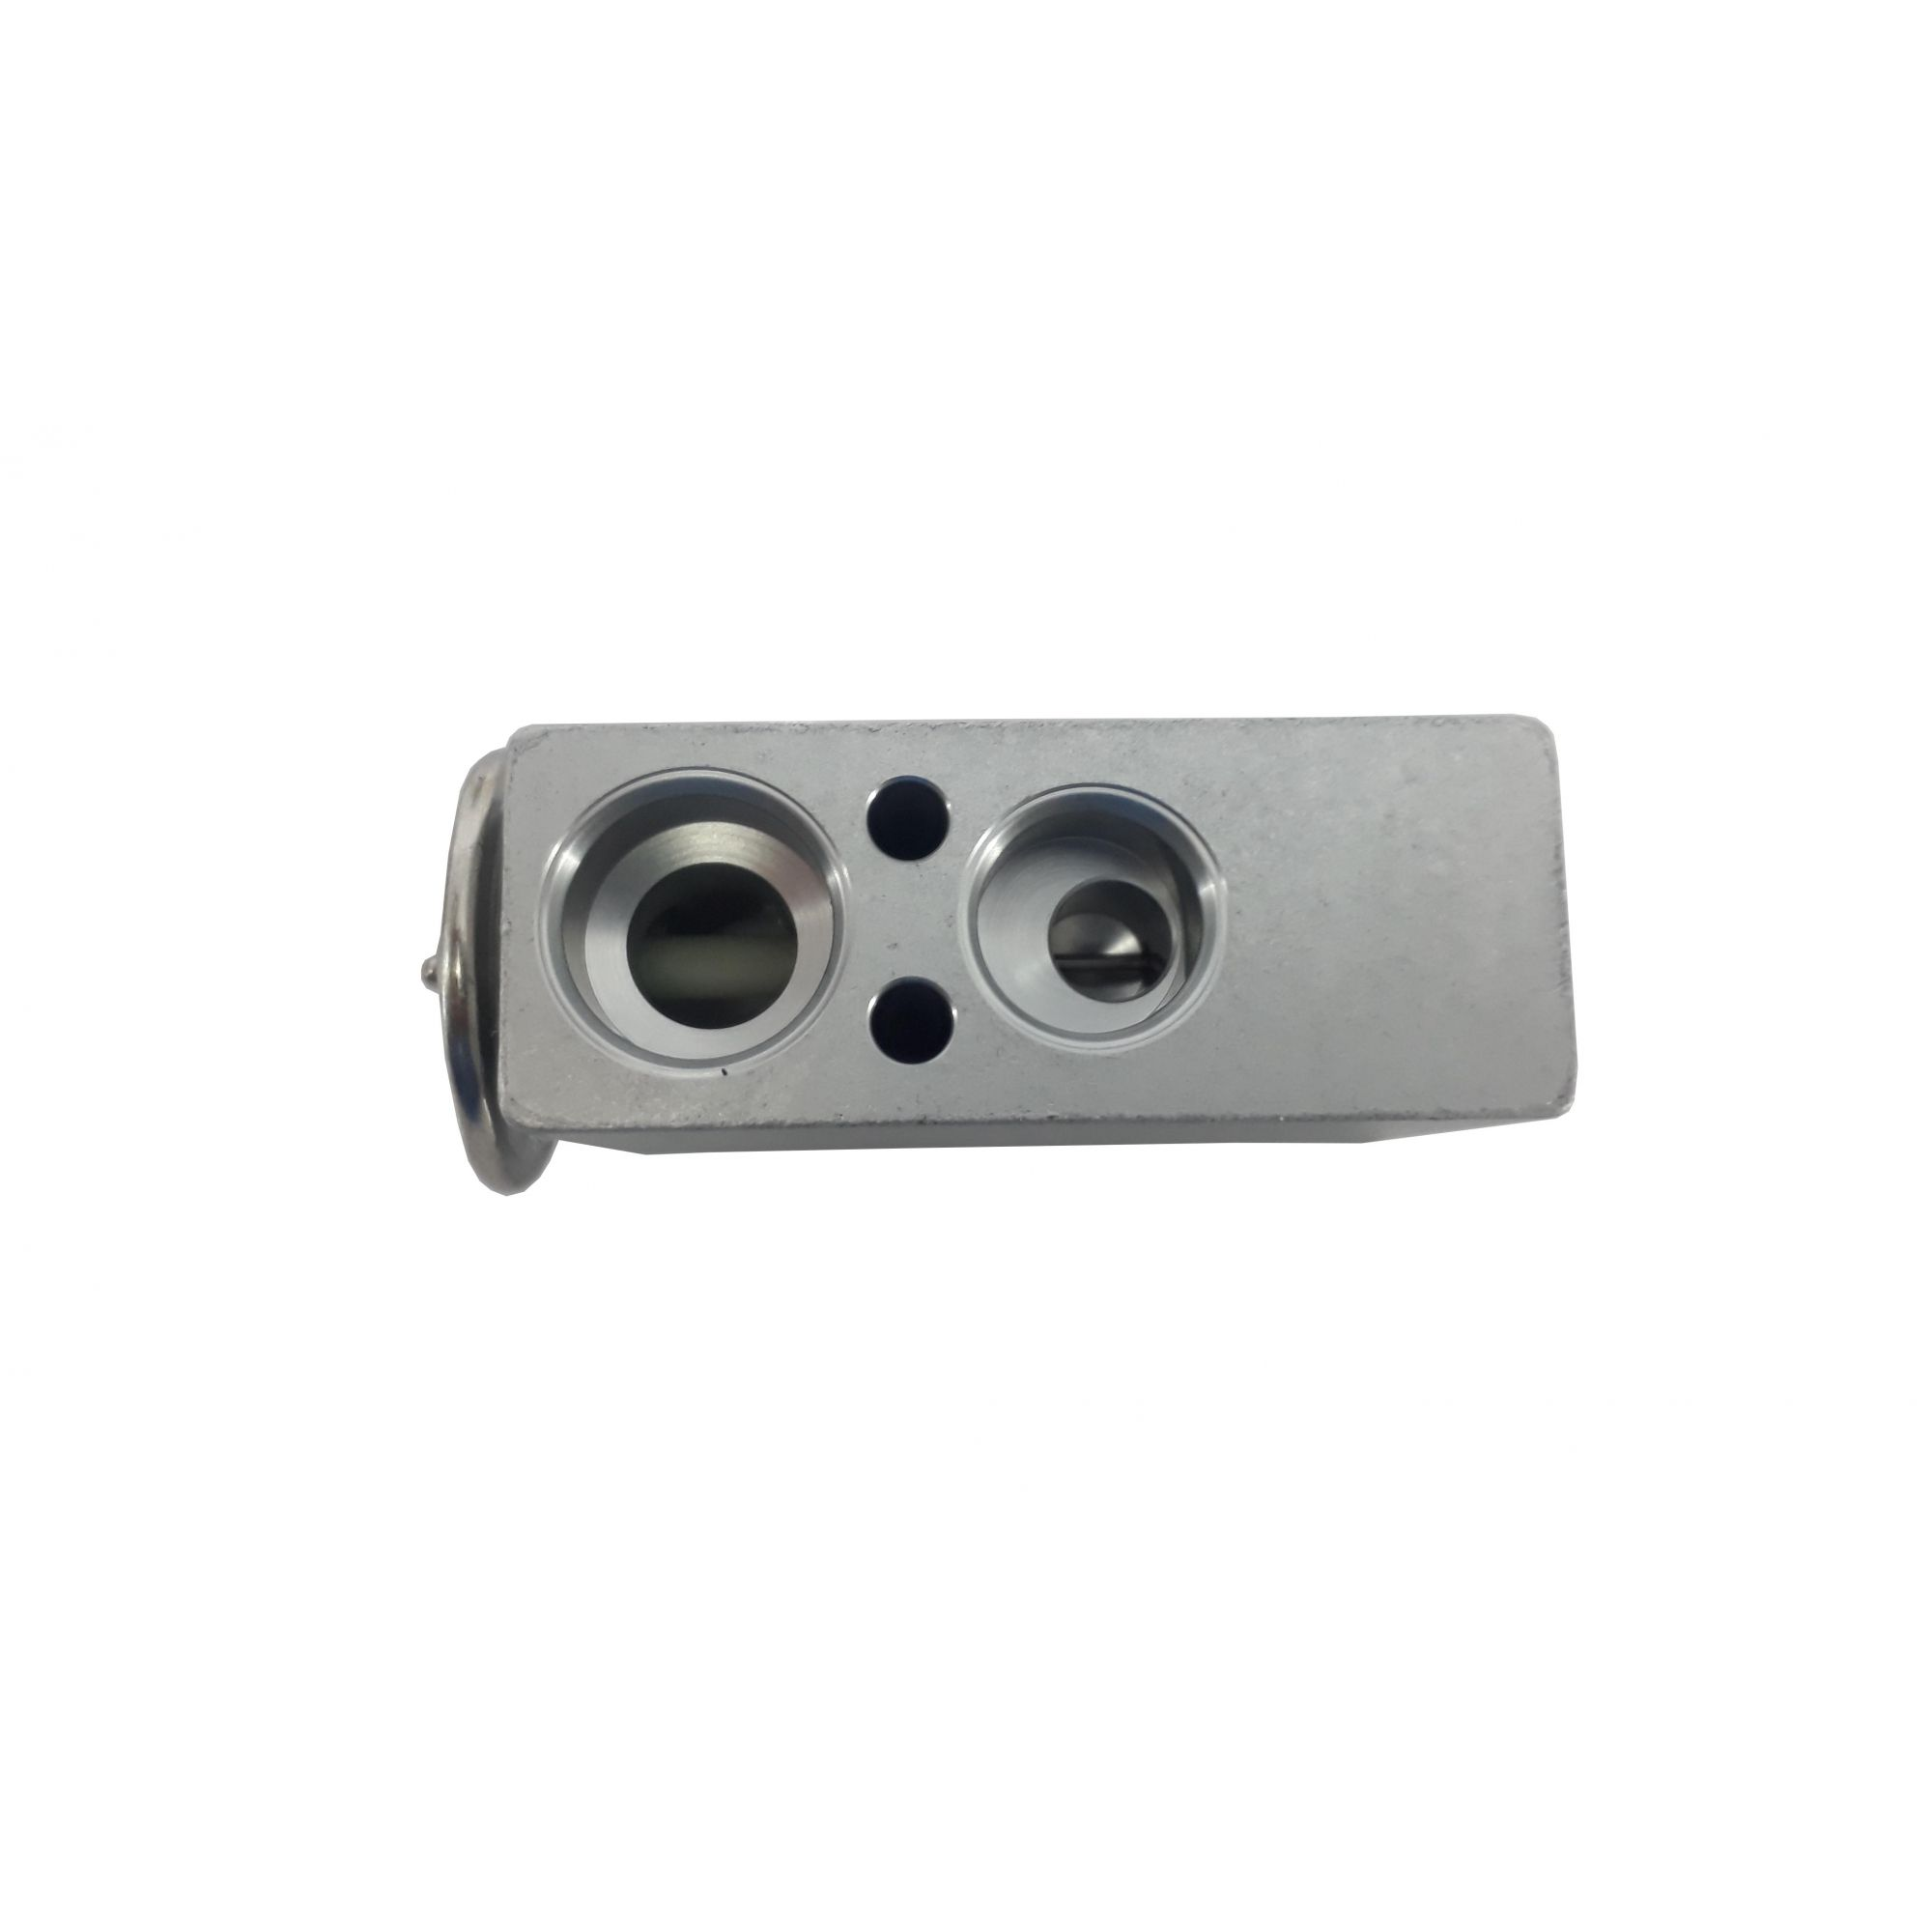 Válvula de expansão Palio Fire / Fiorino / Uno / Mille - Original DENSO